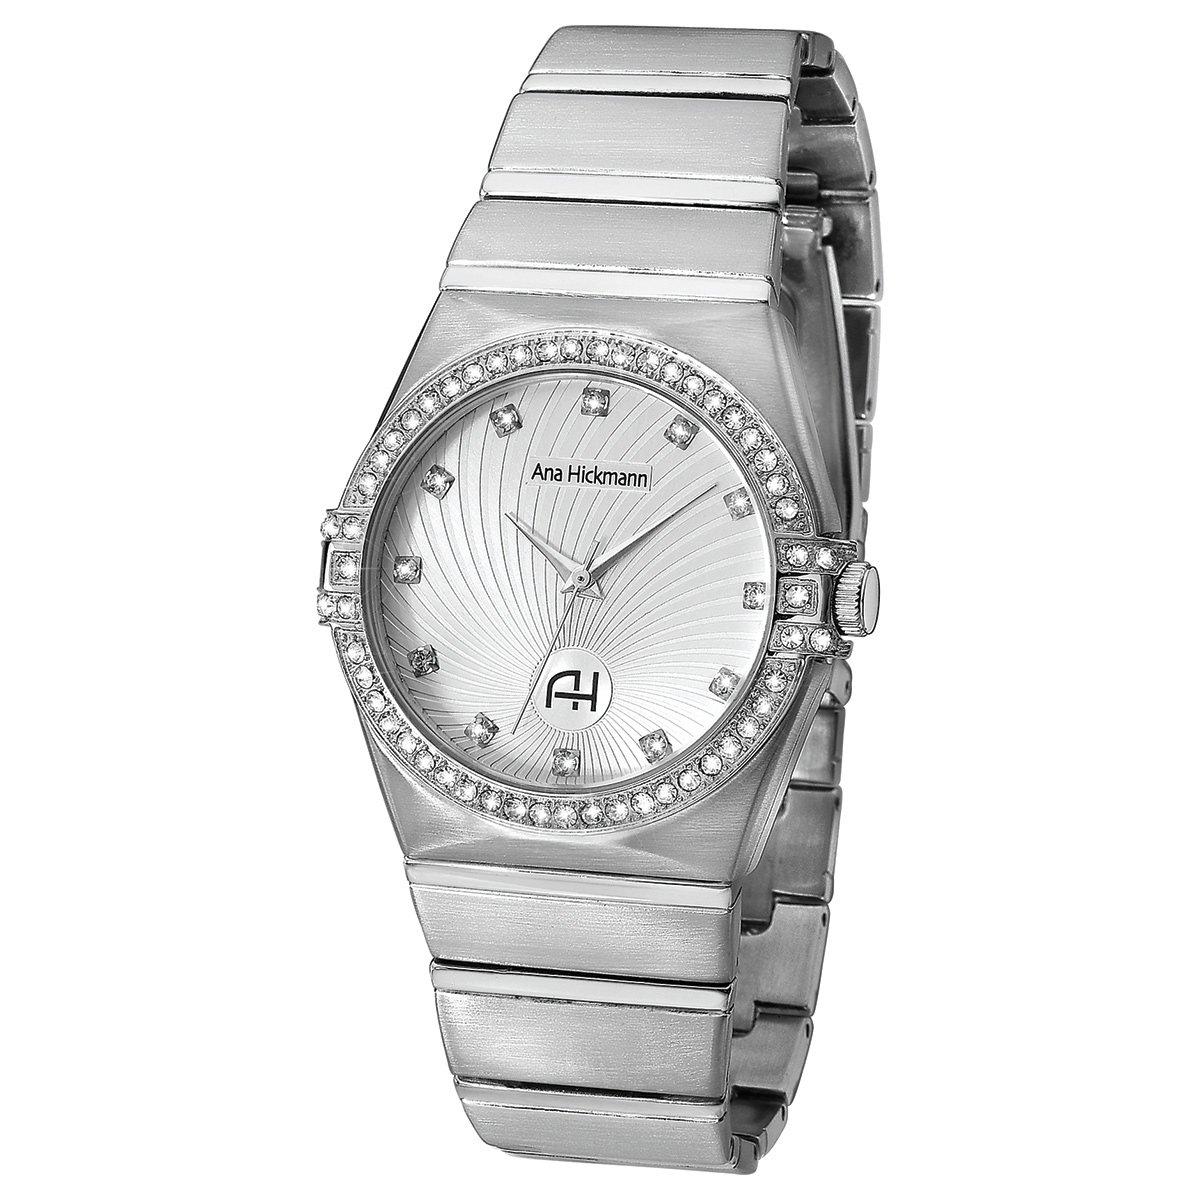 bbbf9dd44d1 Relógio Champion Analógico AH28188Q Feminino